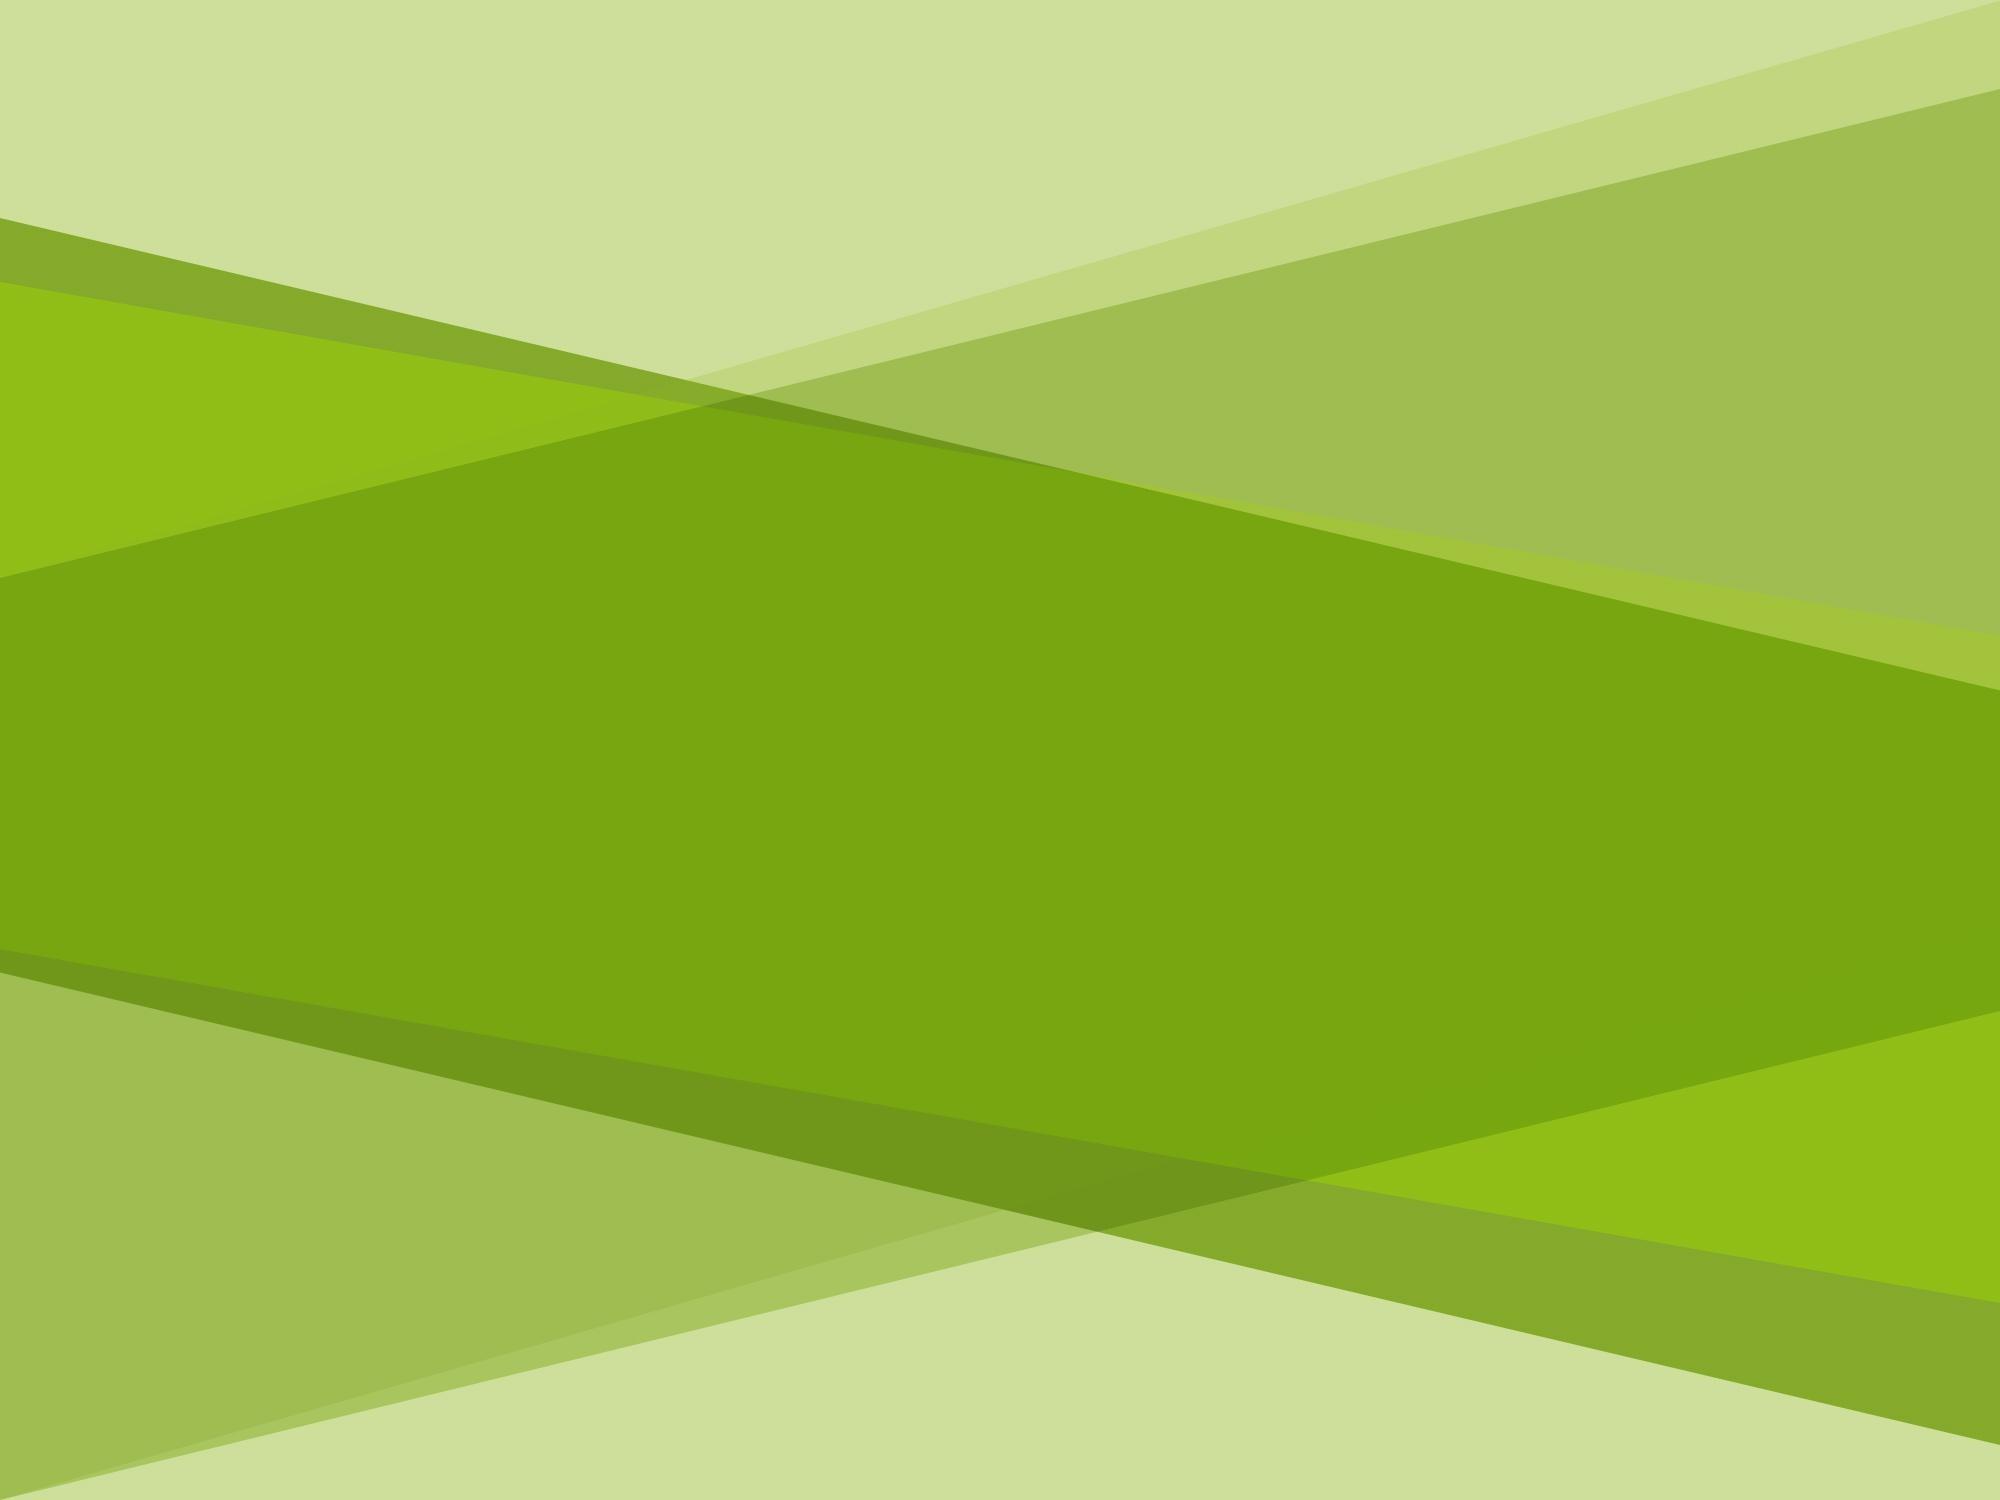 Diagonal screens texture green